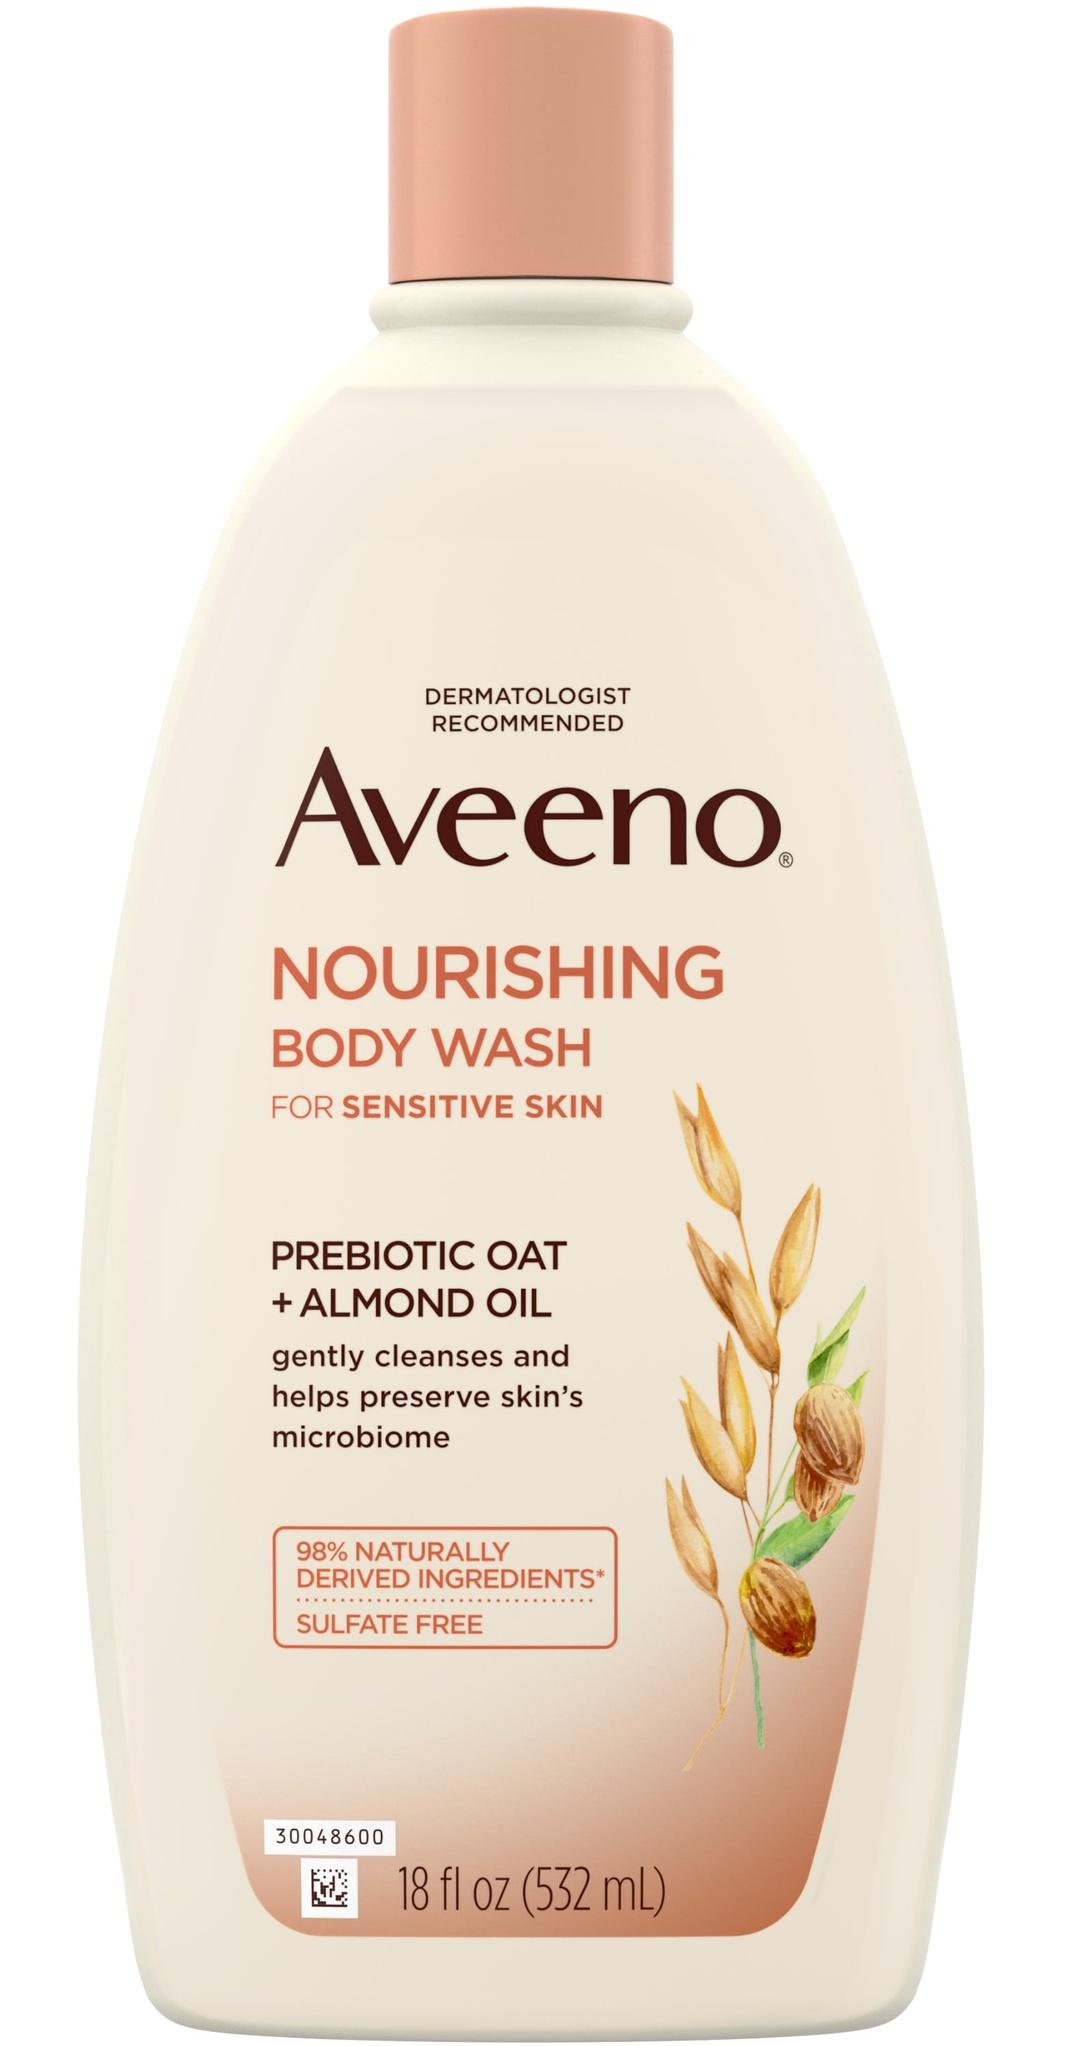 Aveeno Nourishing Body Wash